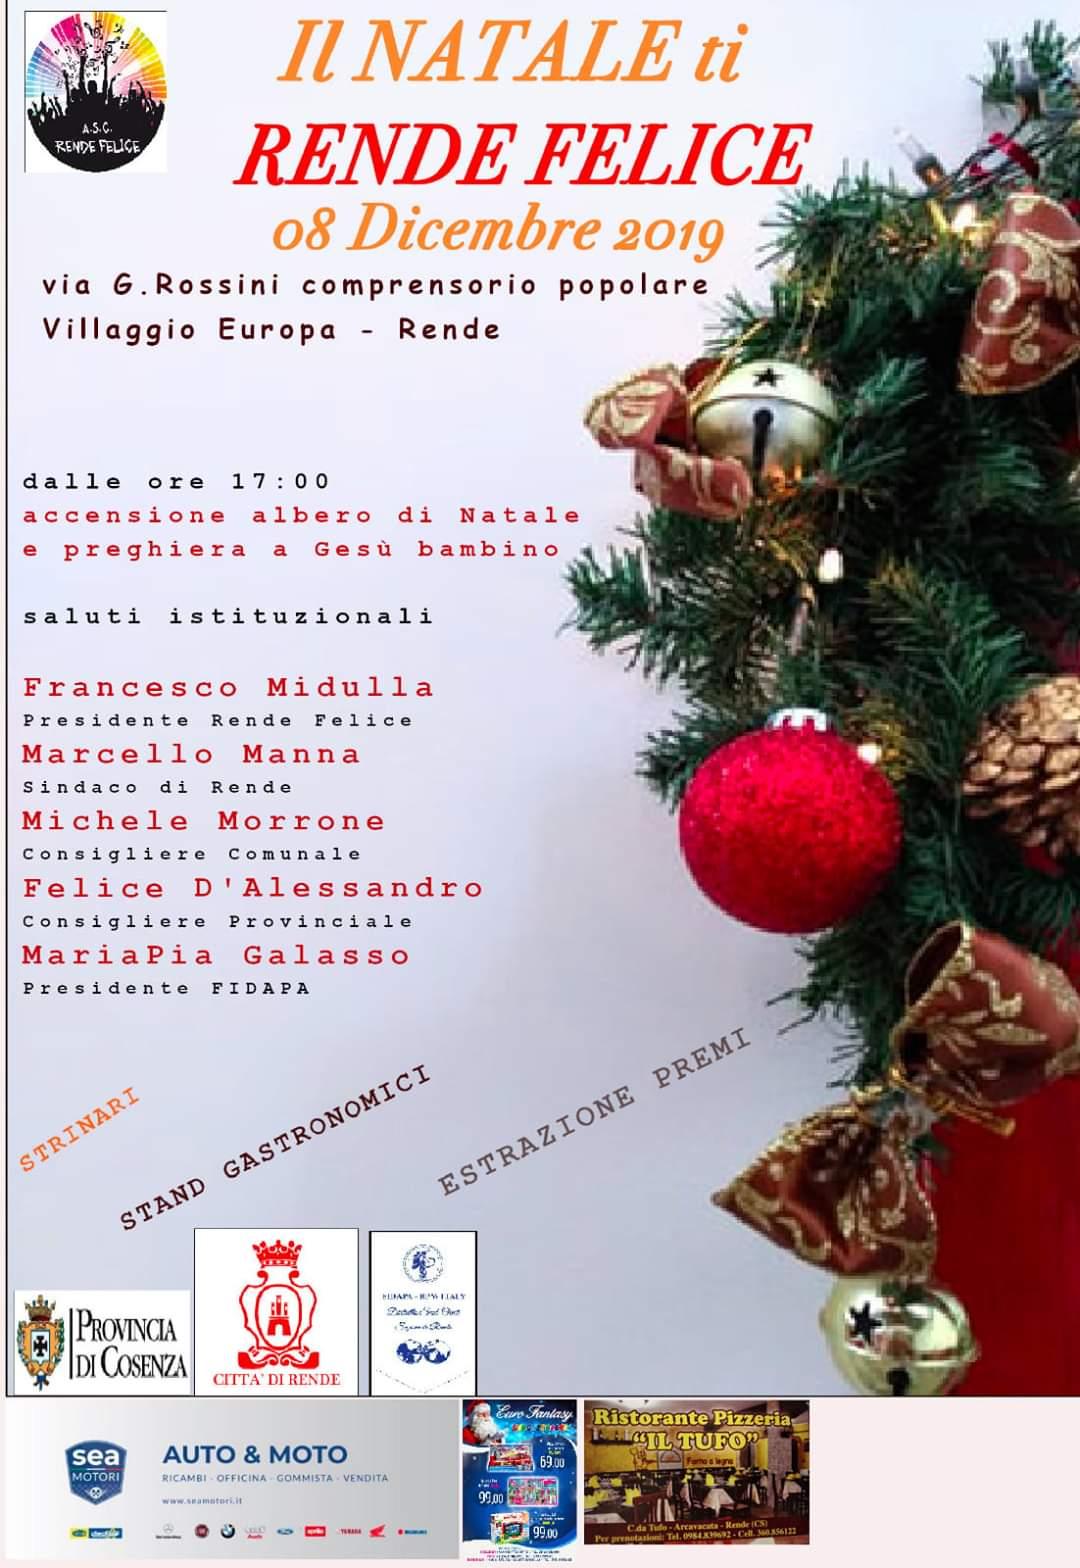 """A.s.c Rende Felice: """"il Natale ti Rende Felice"""" l'8 Dicembre a Villaggio Europa"""